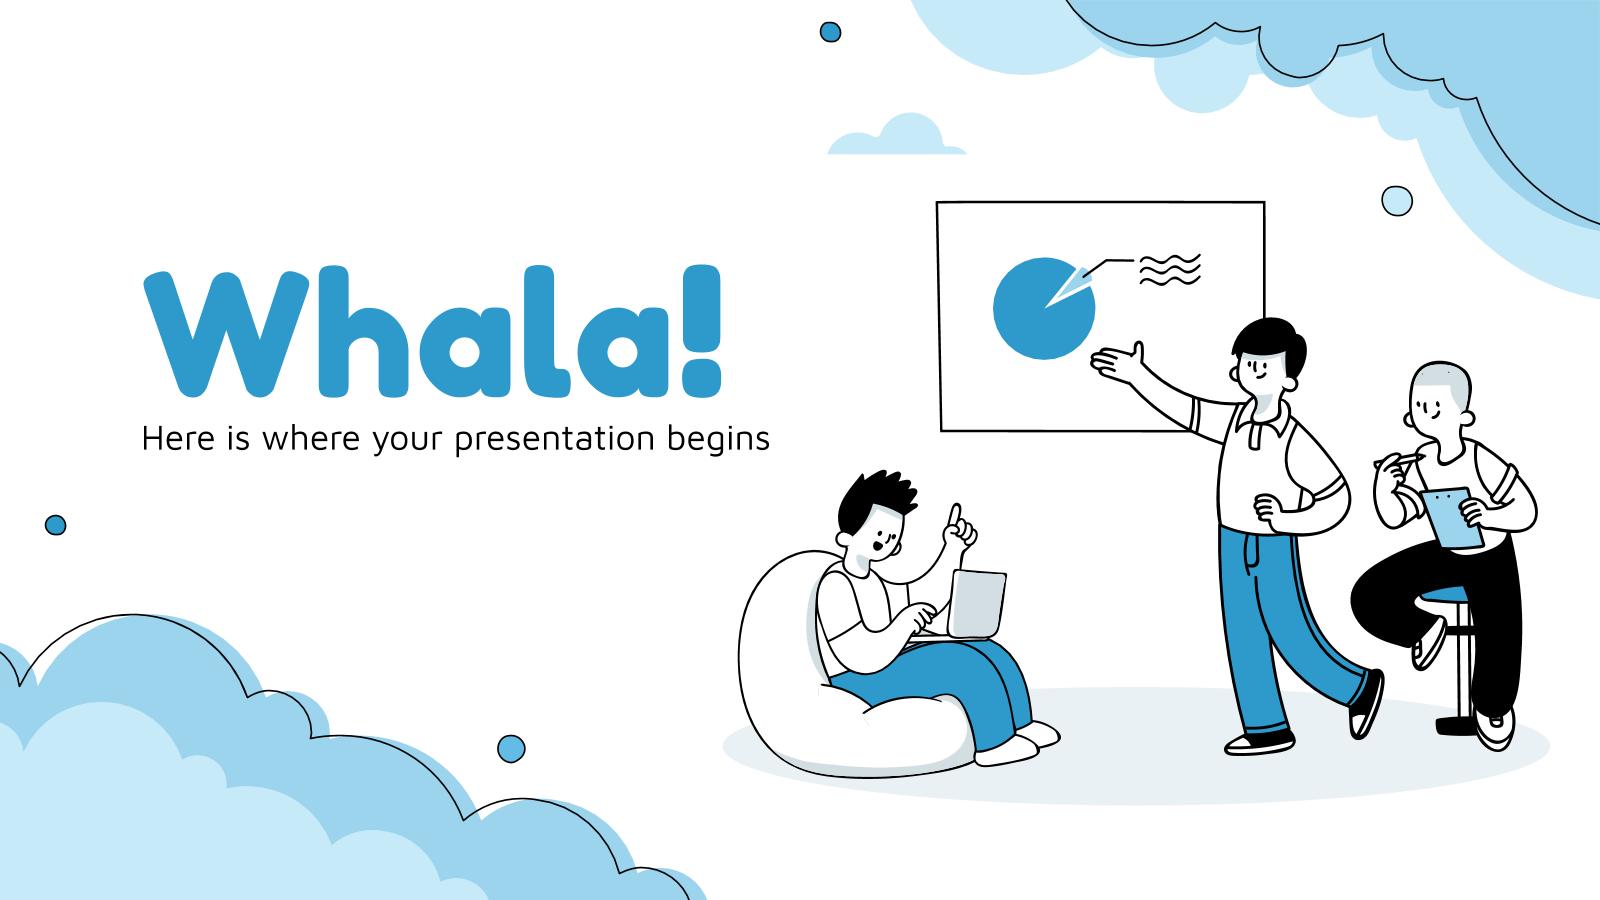 Plantilla de presentación ¡Whala!